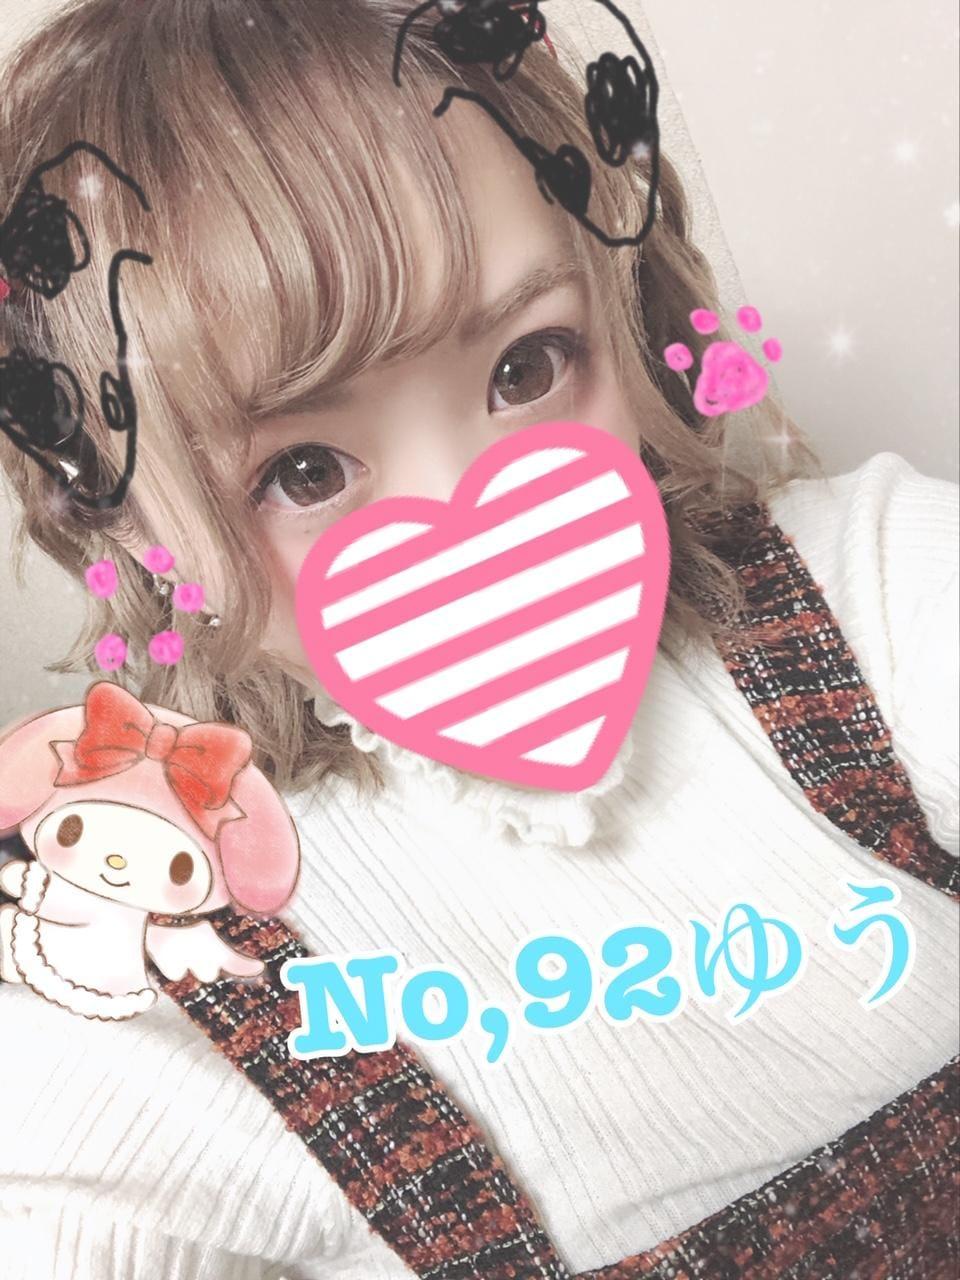 「ちょいレア」12/17(月) 00:36 | ゆうの写メ・風俗動画